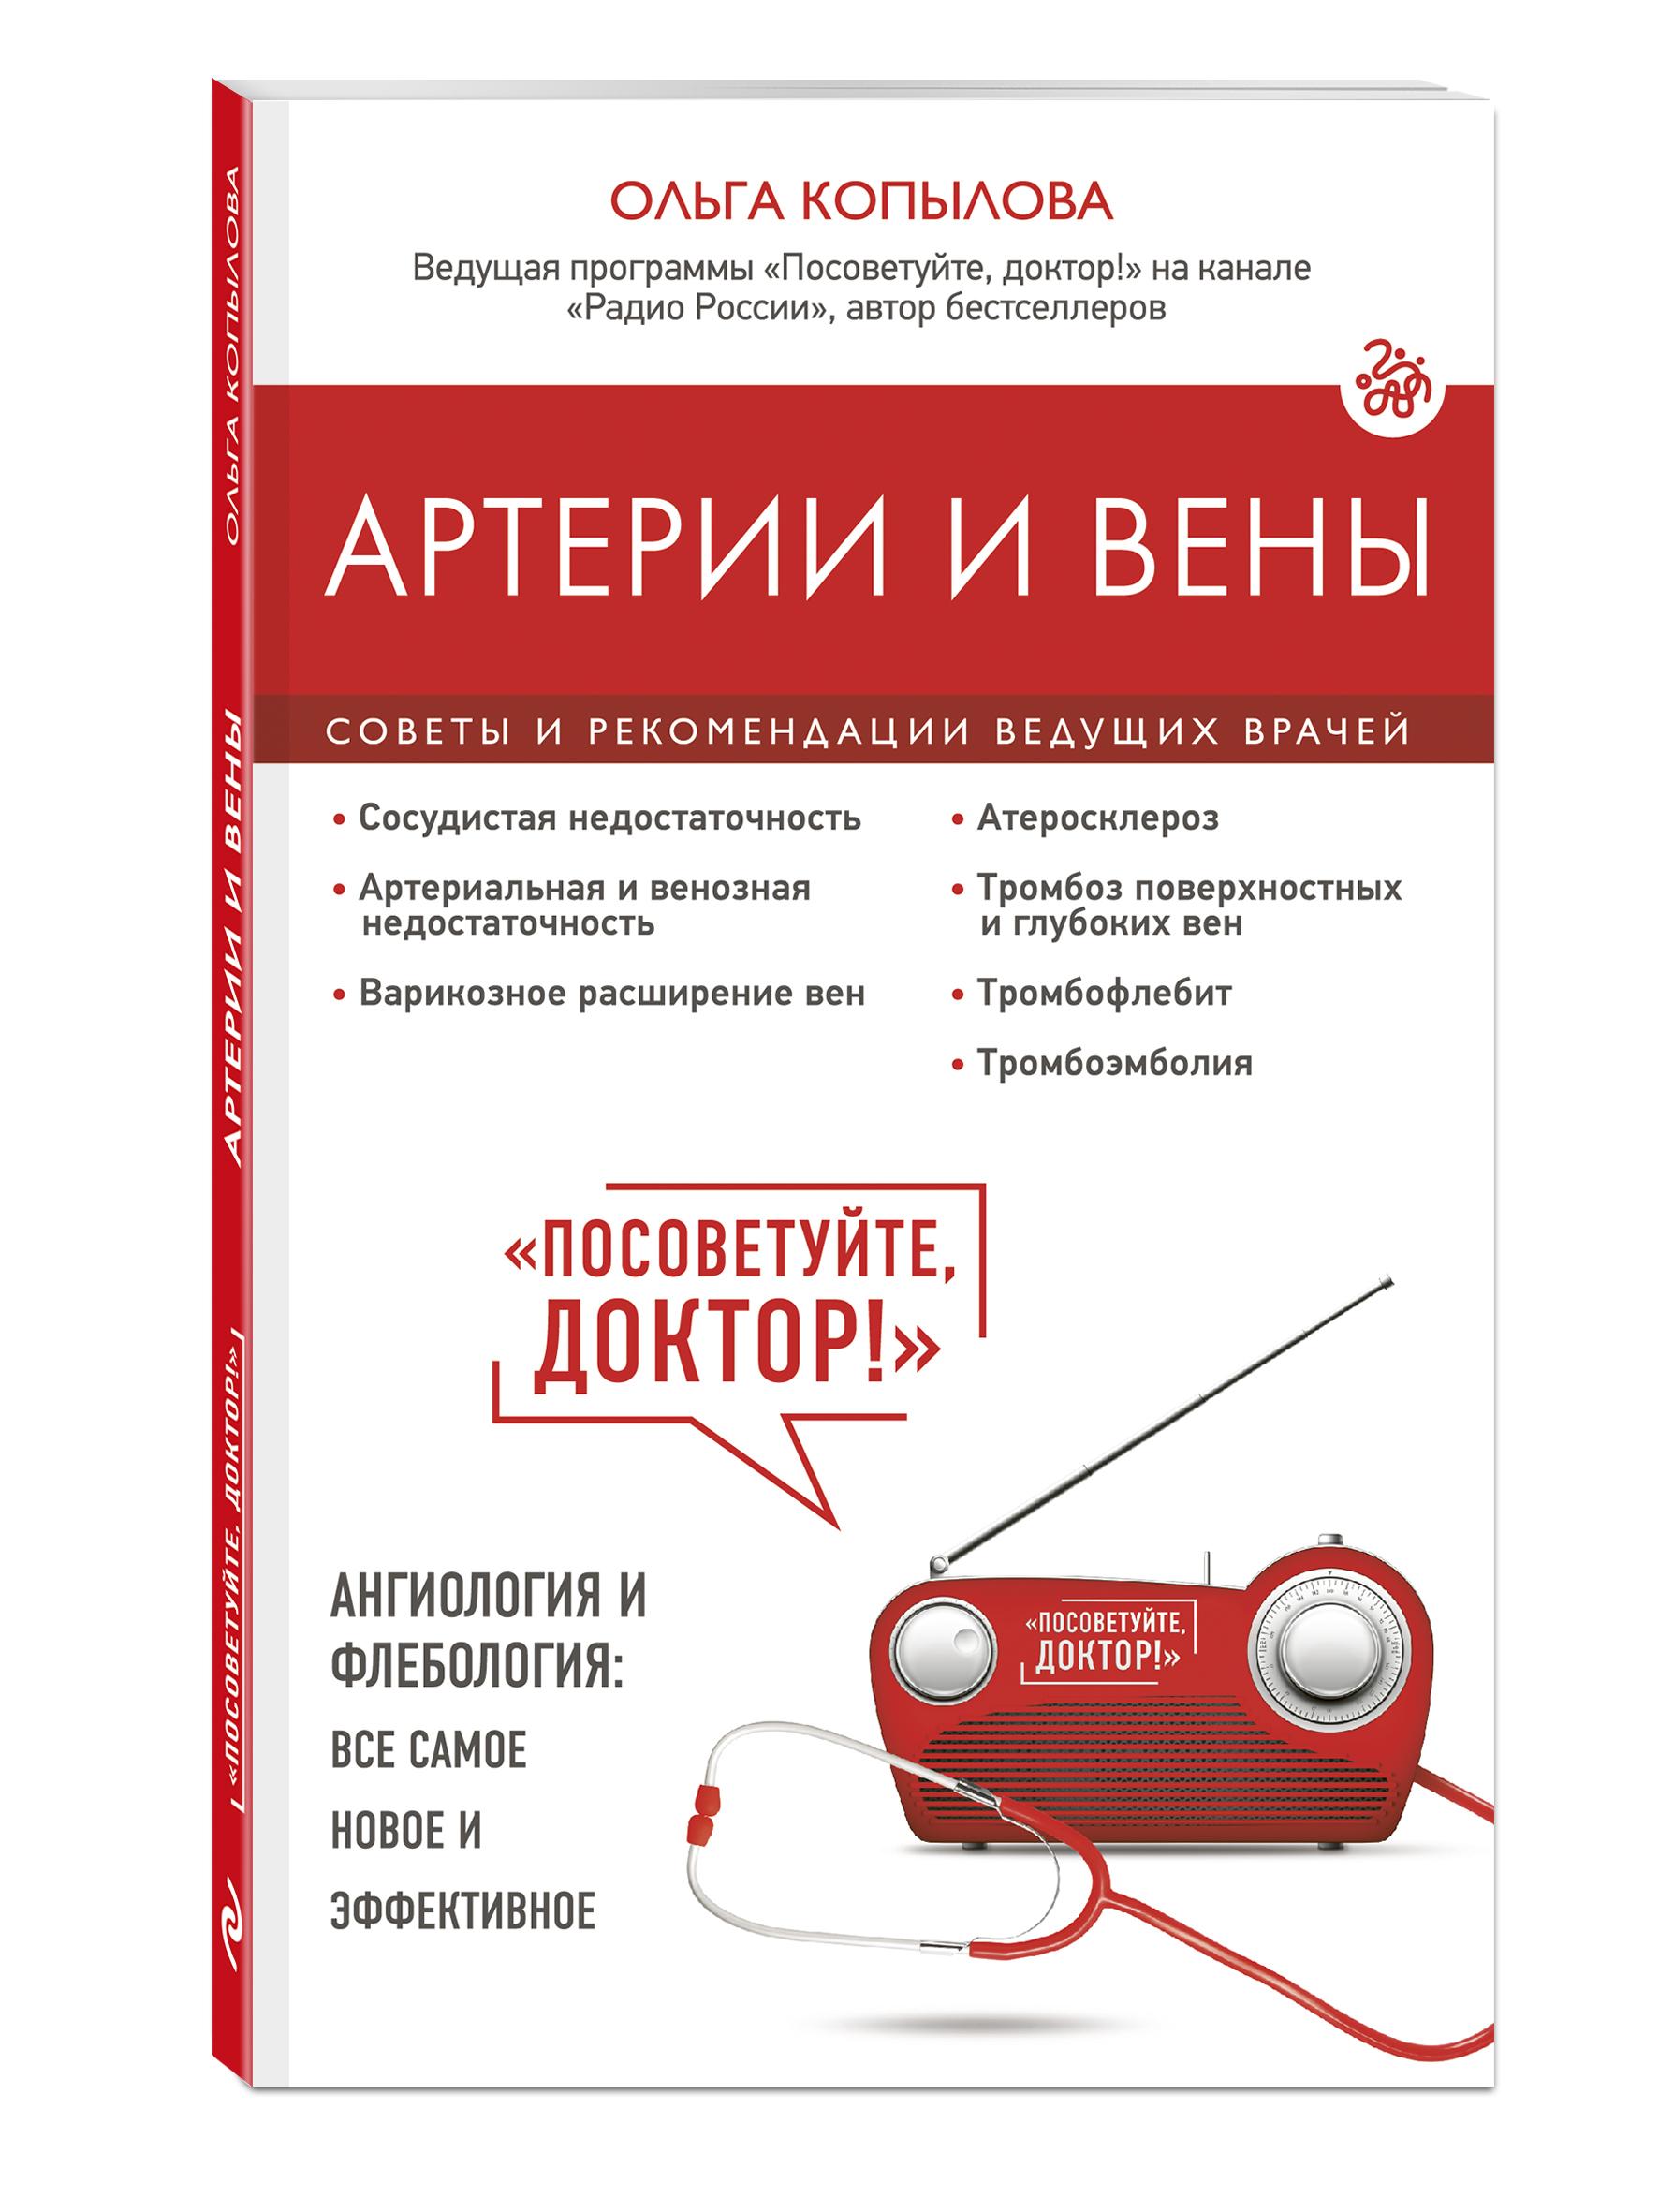 Артерии и вены. Советы и рекомендации ведущих врачей ( Копылова О.С.  )